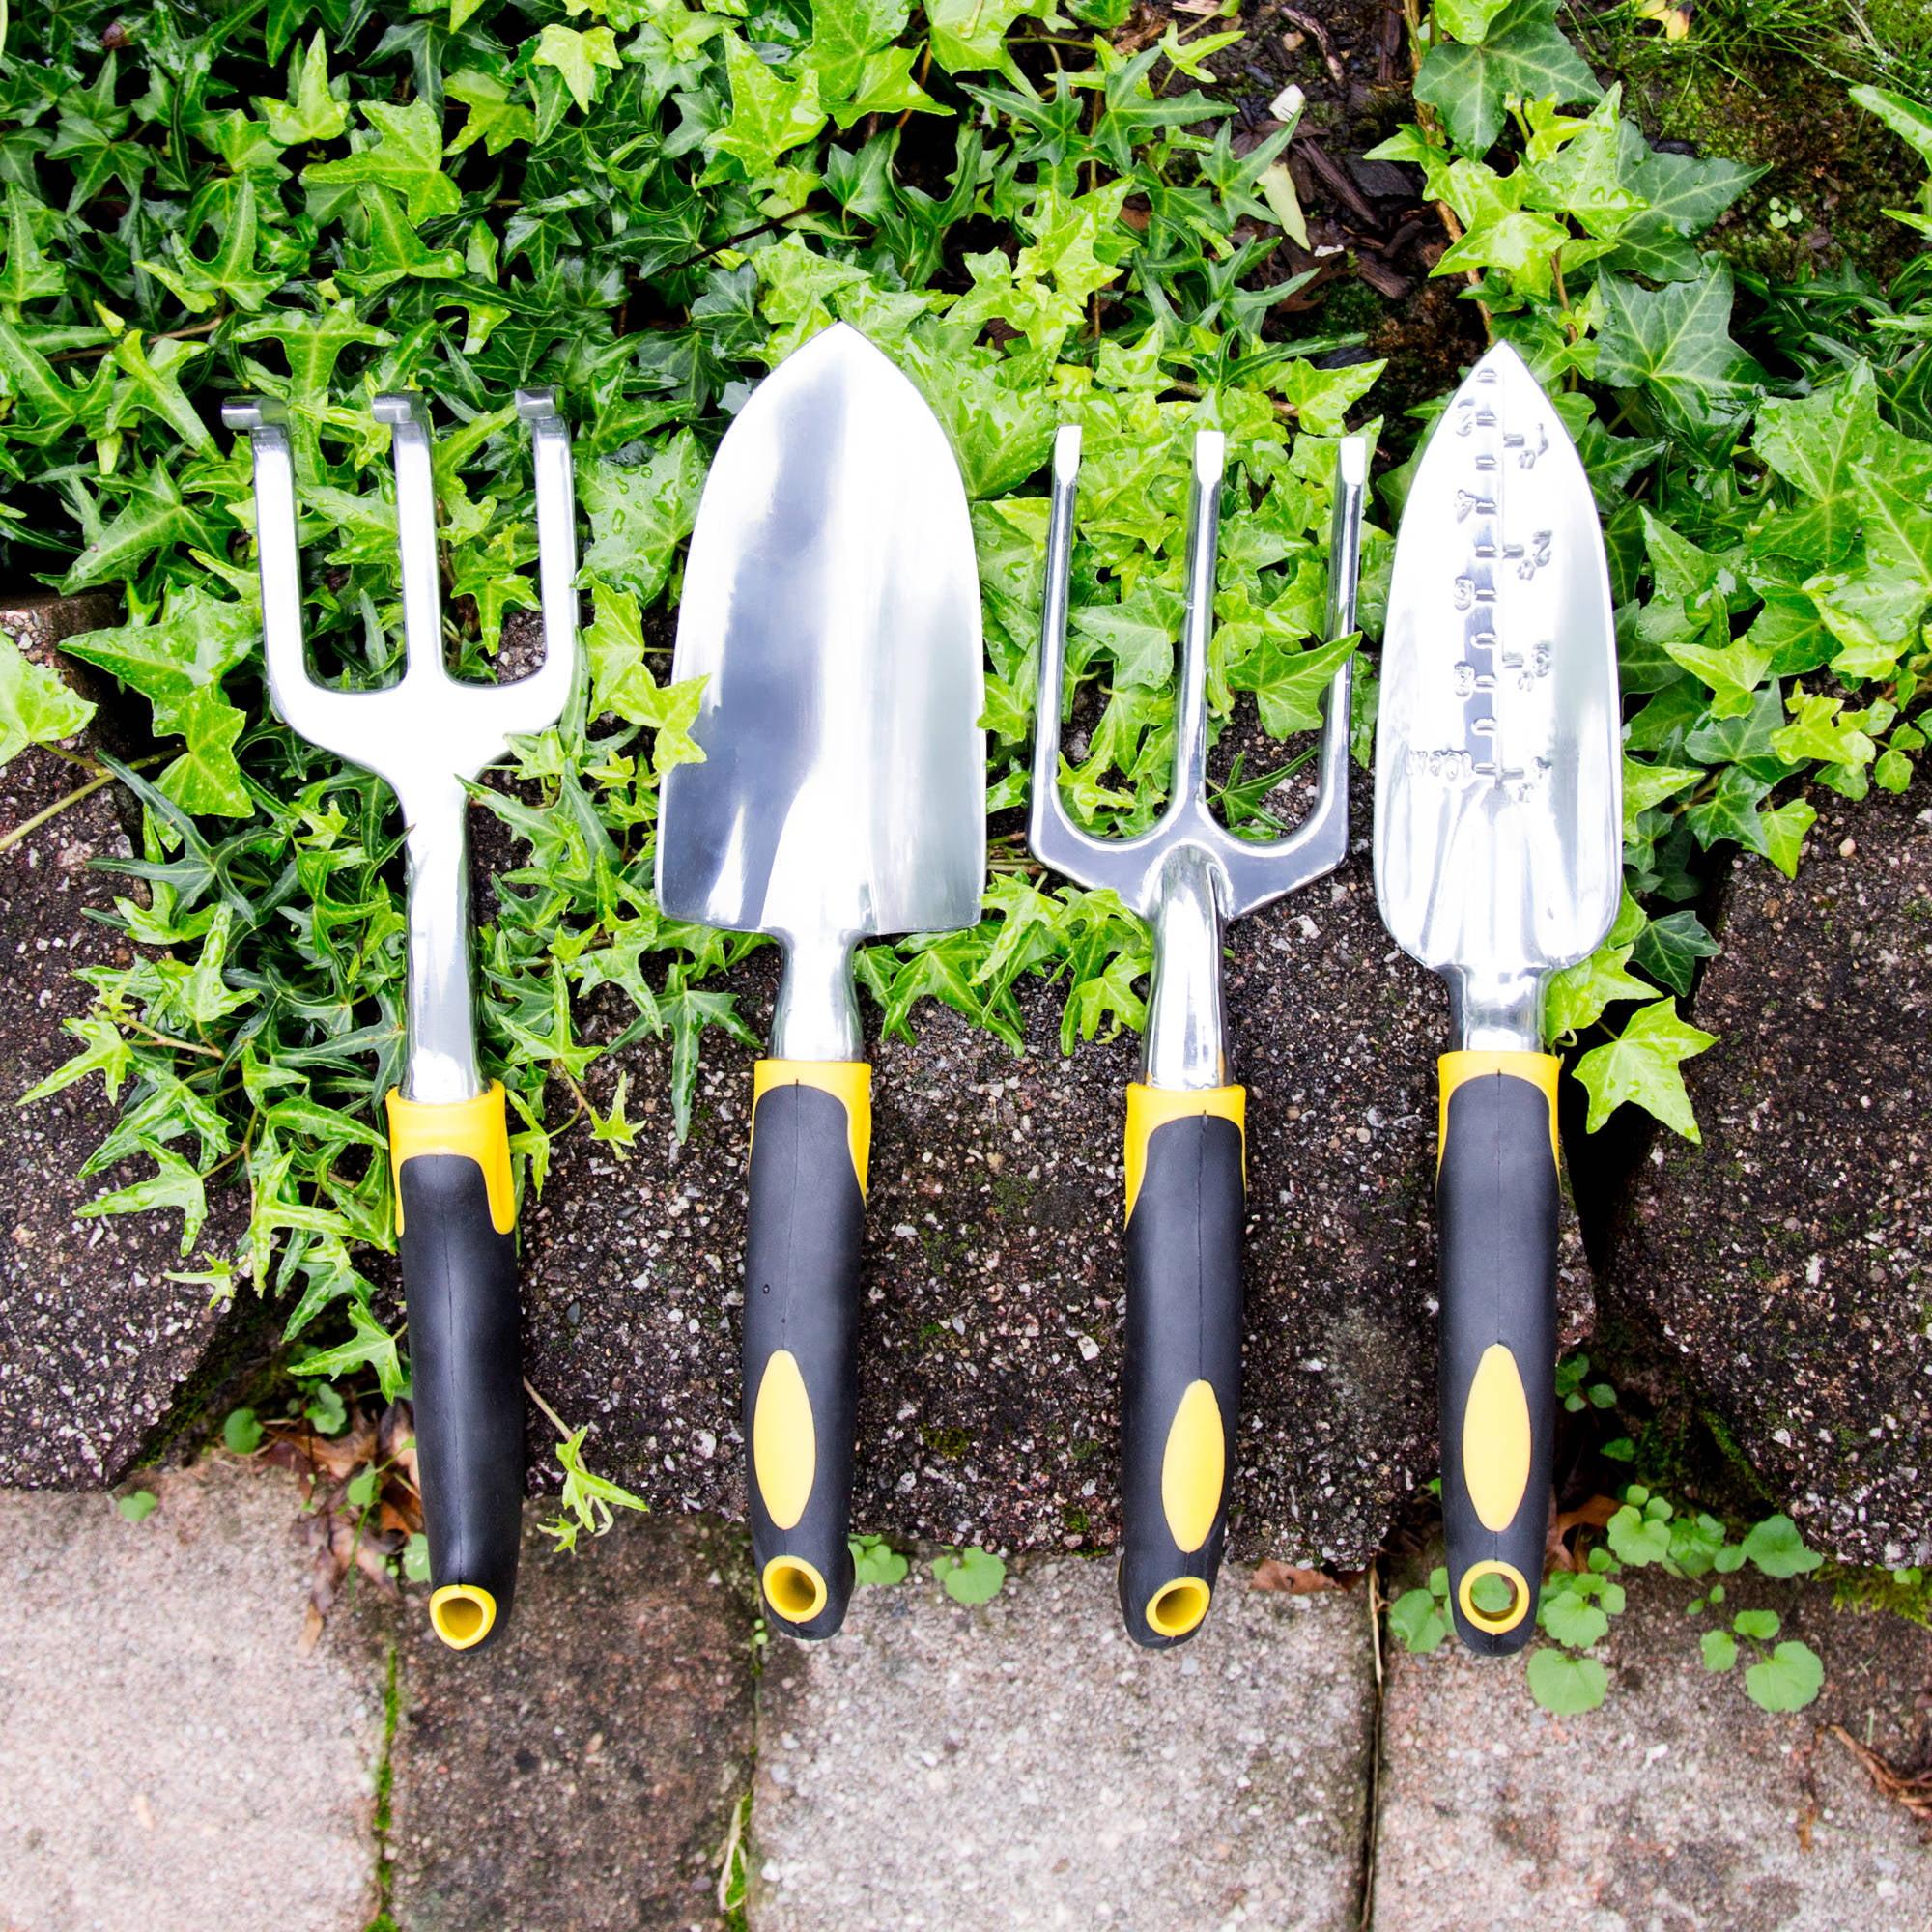 Pure Garden 4-Piece Garden Tool Set with Comfort Grip Handles by Trademark Global LLC